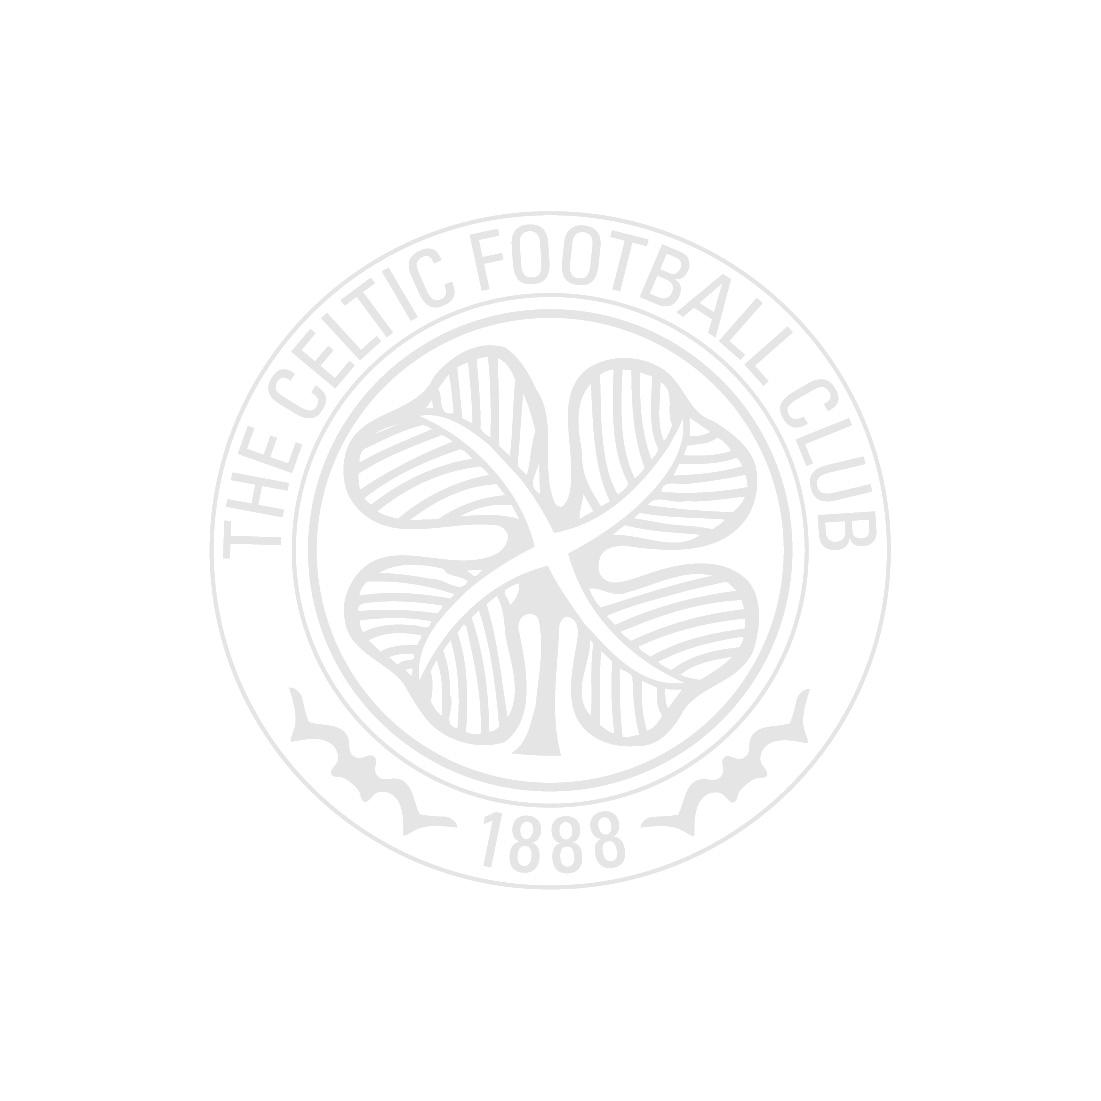 Celtic Personalised Hooped Towel